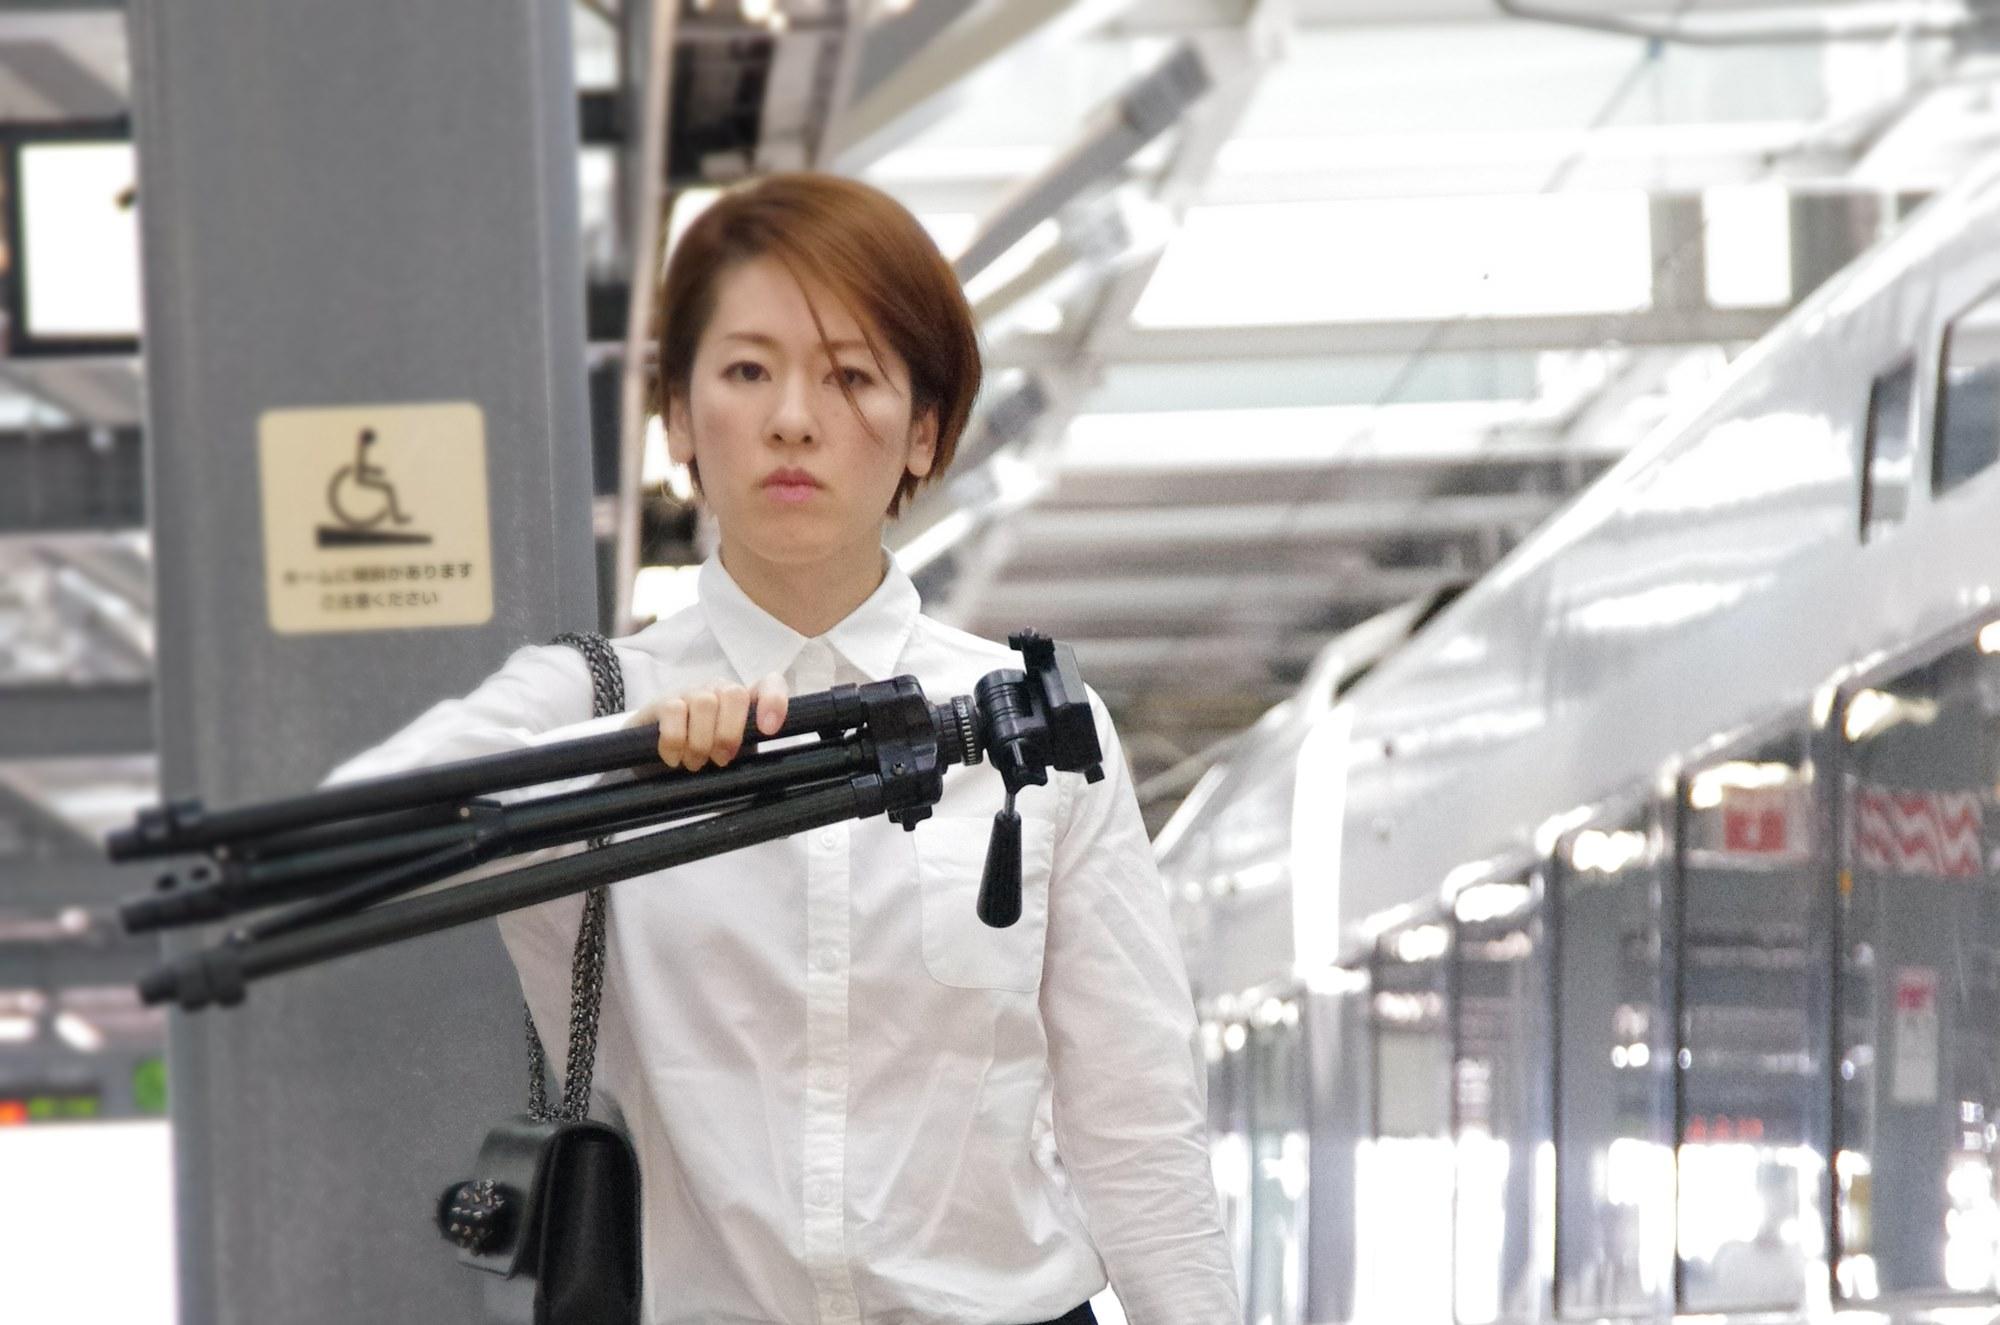 福井の探偵事務所アイワ探偵社